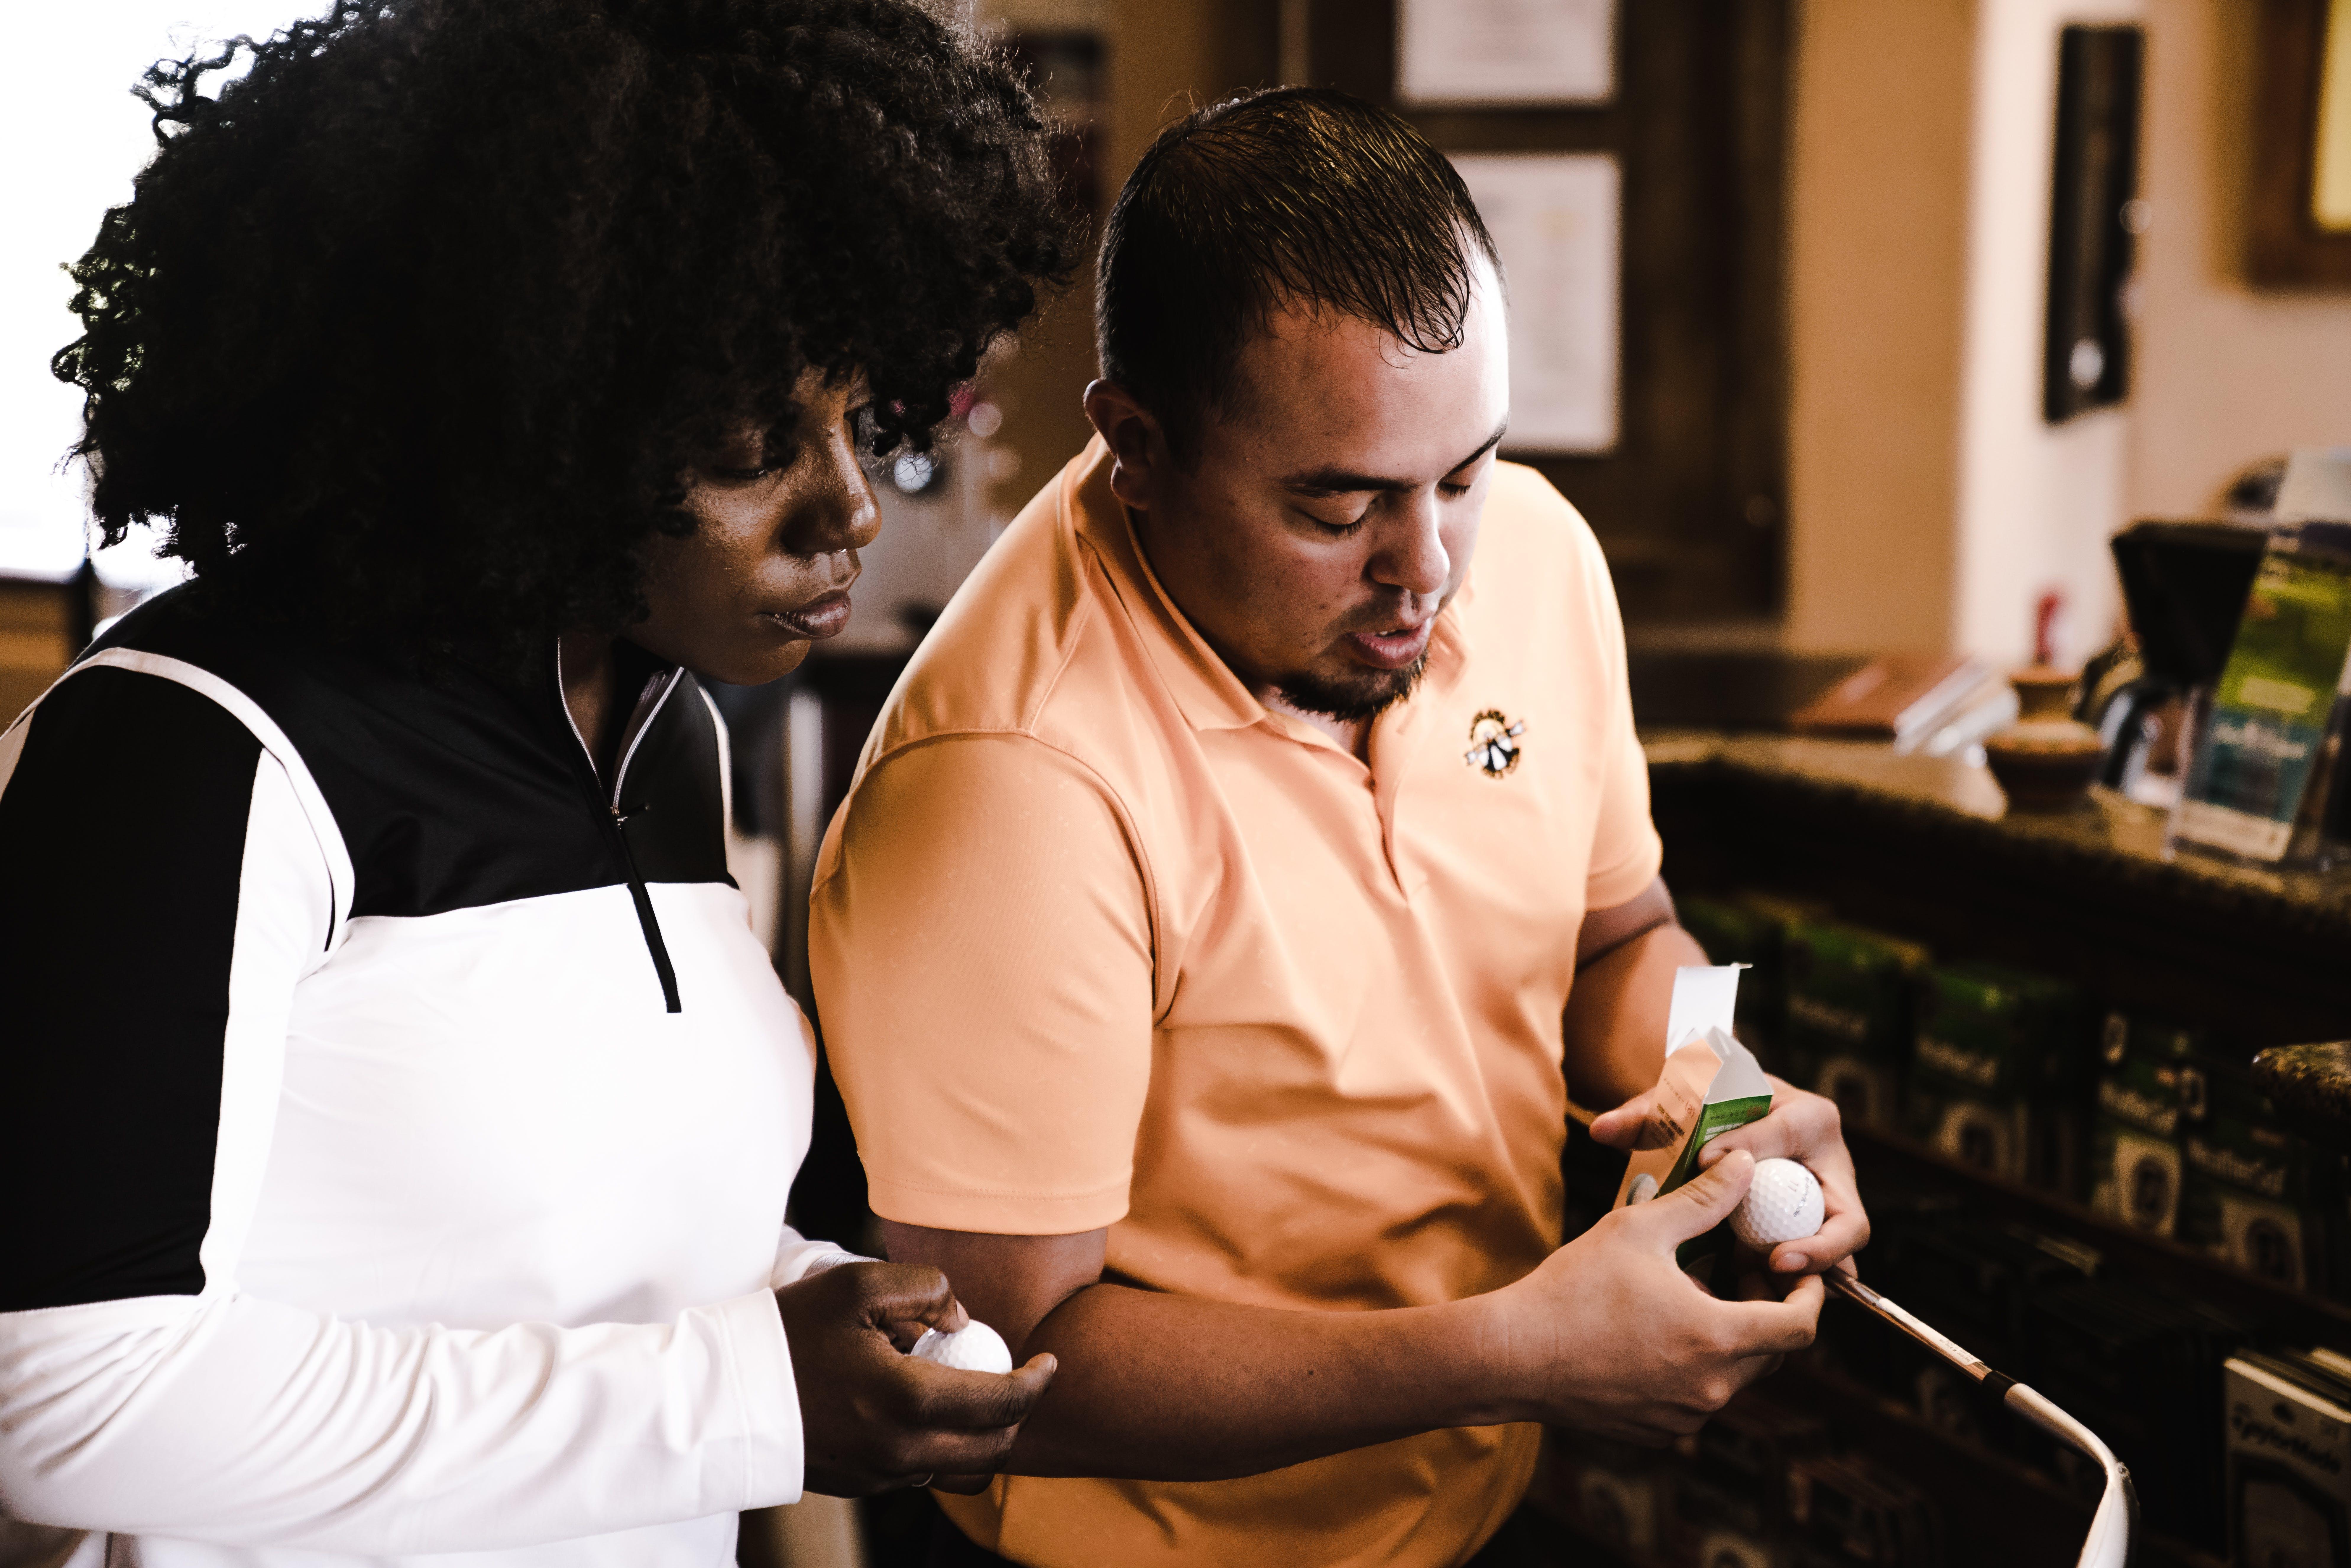 Woman and Man Looking at Golf Balls